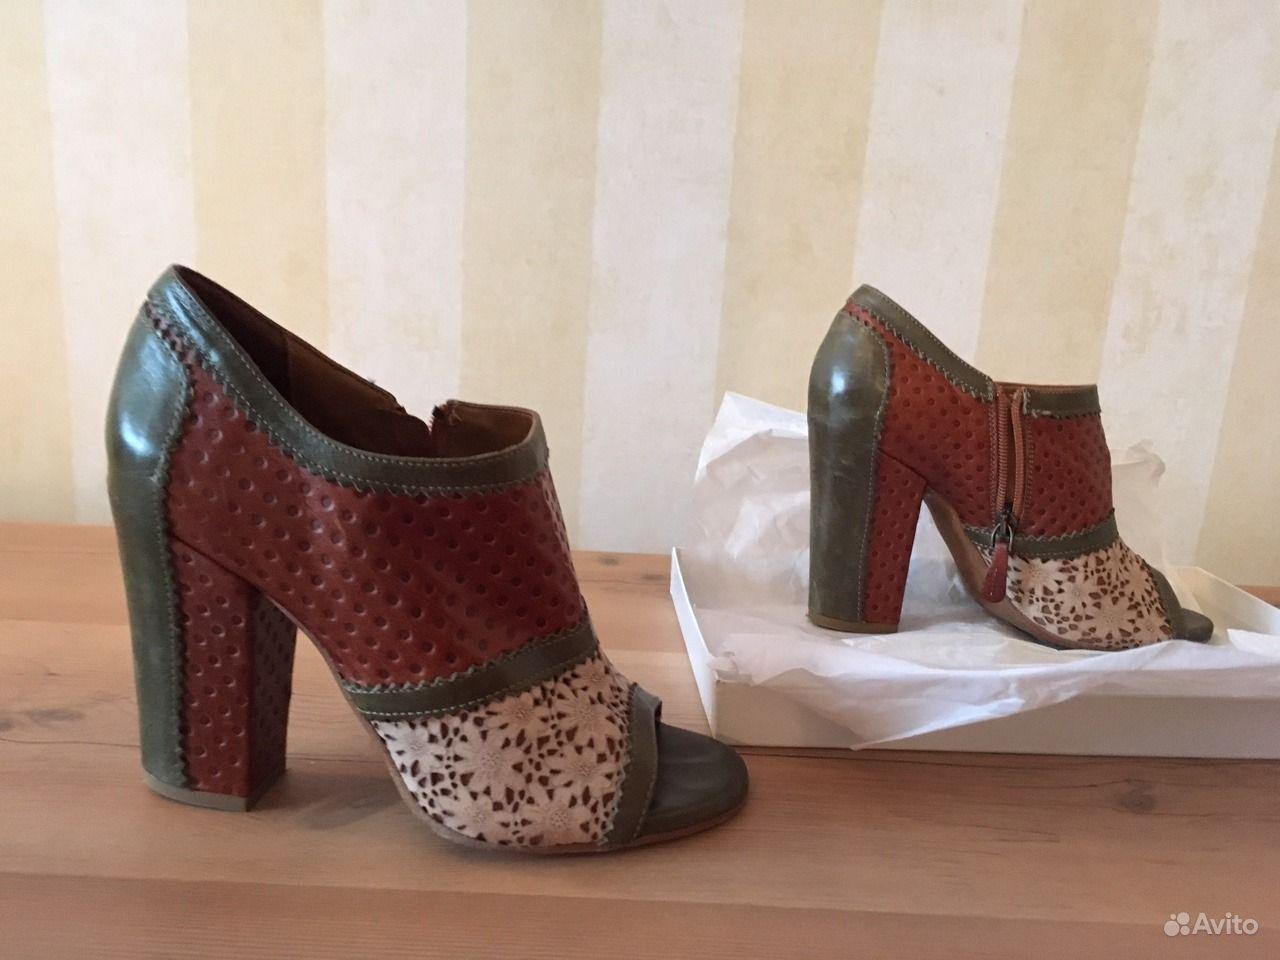 a66b7c80 одежда - Купить одежду и обувь в Москве на Avito статистика